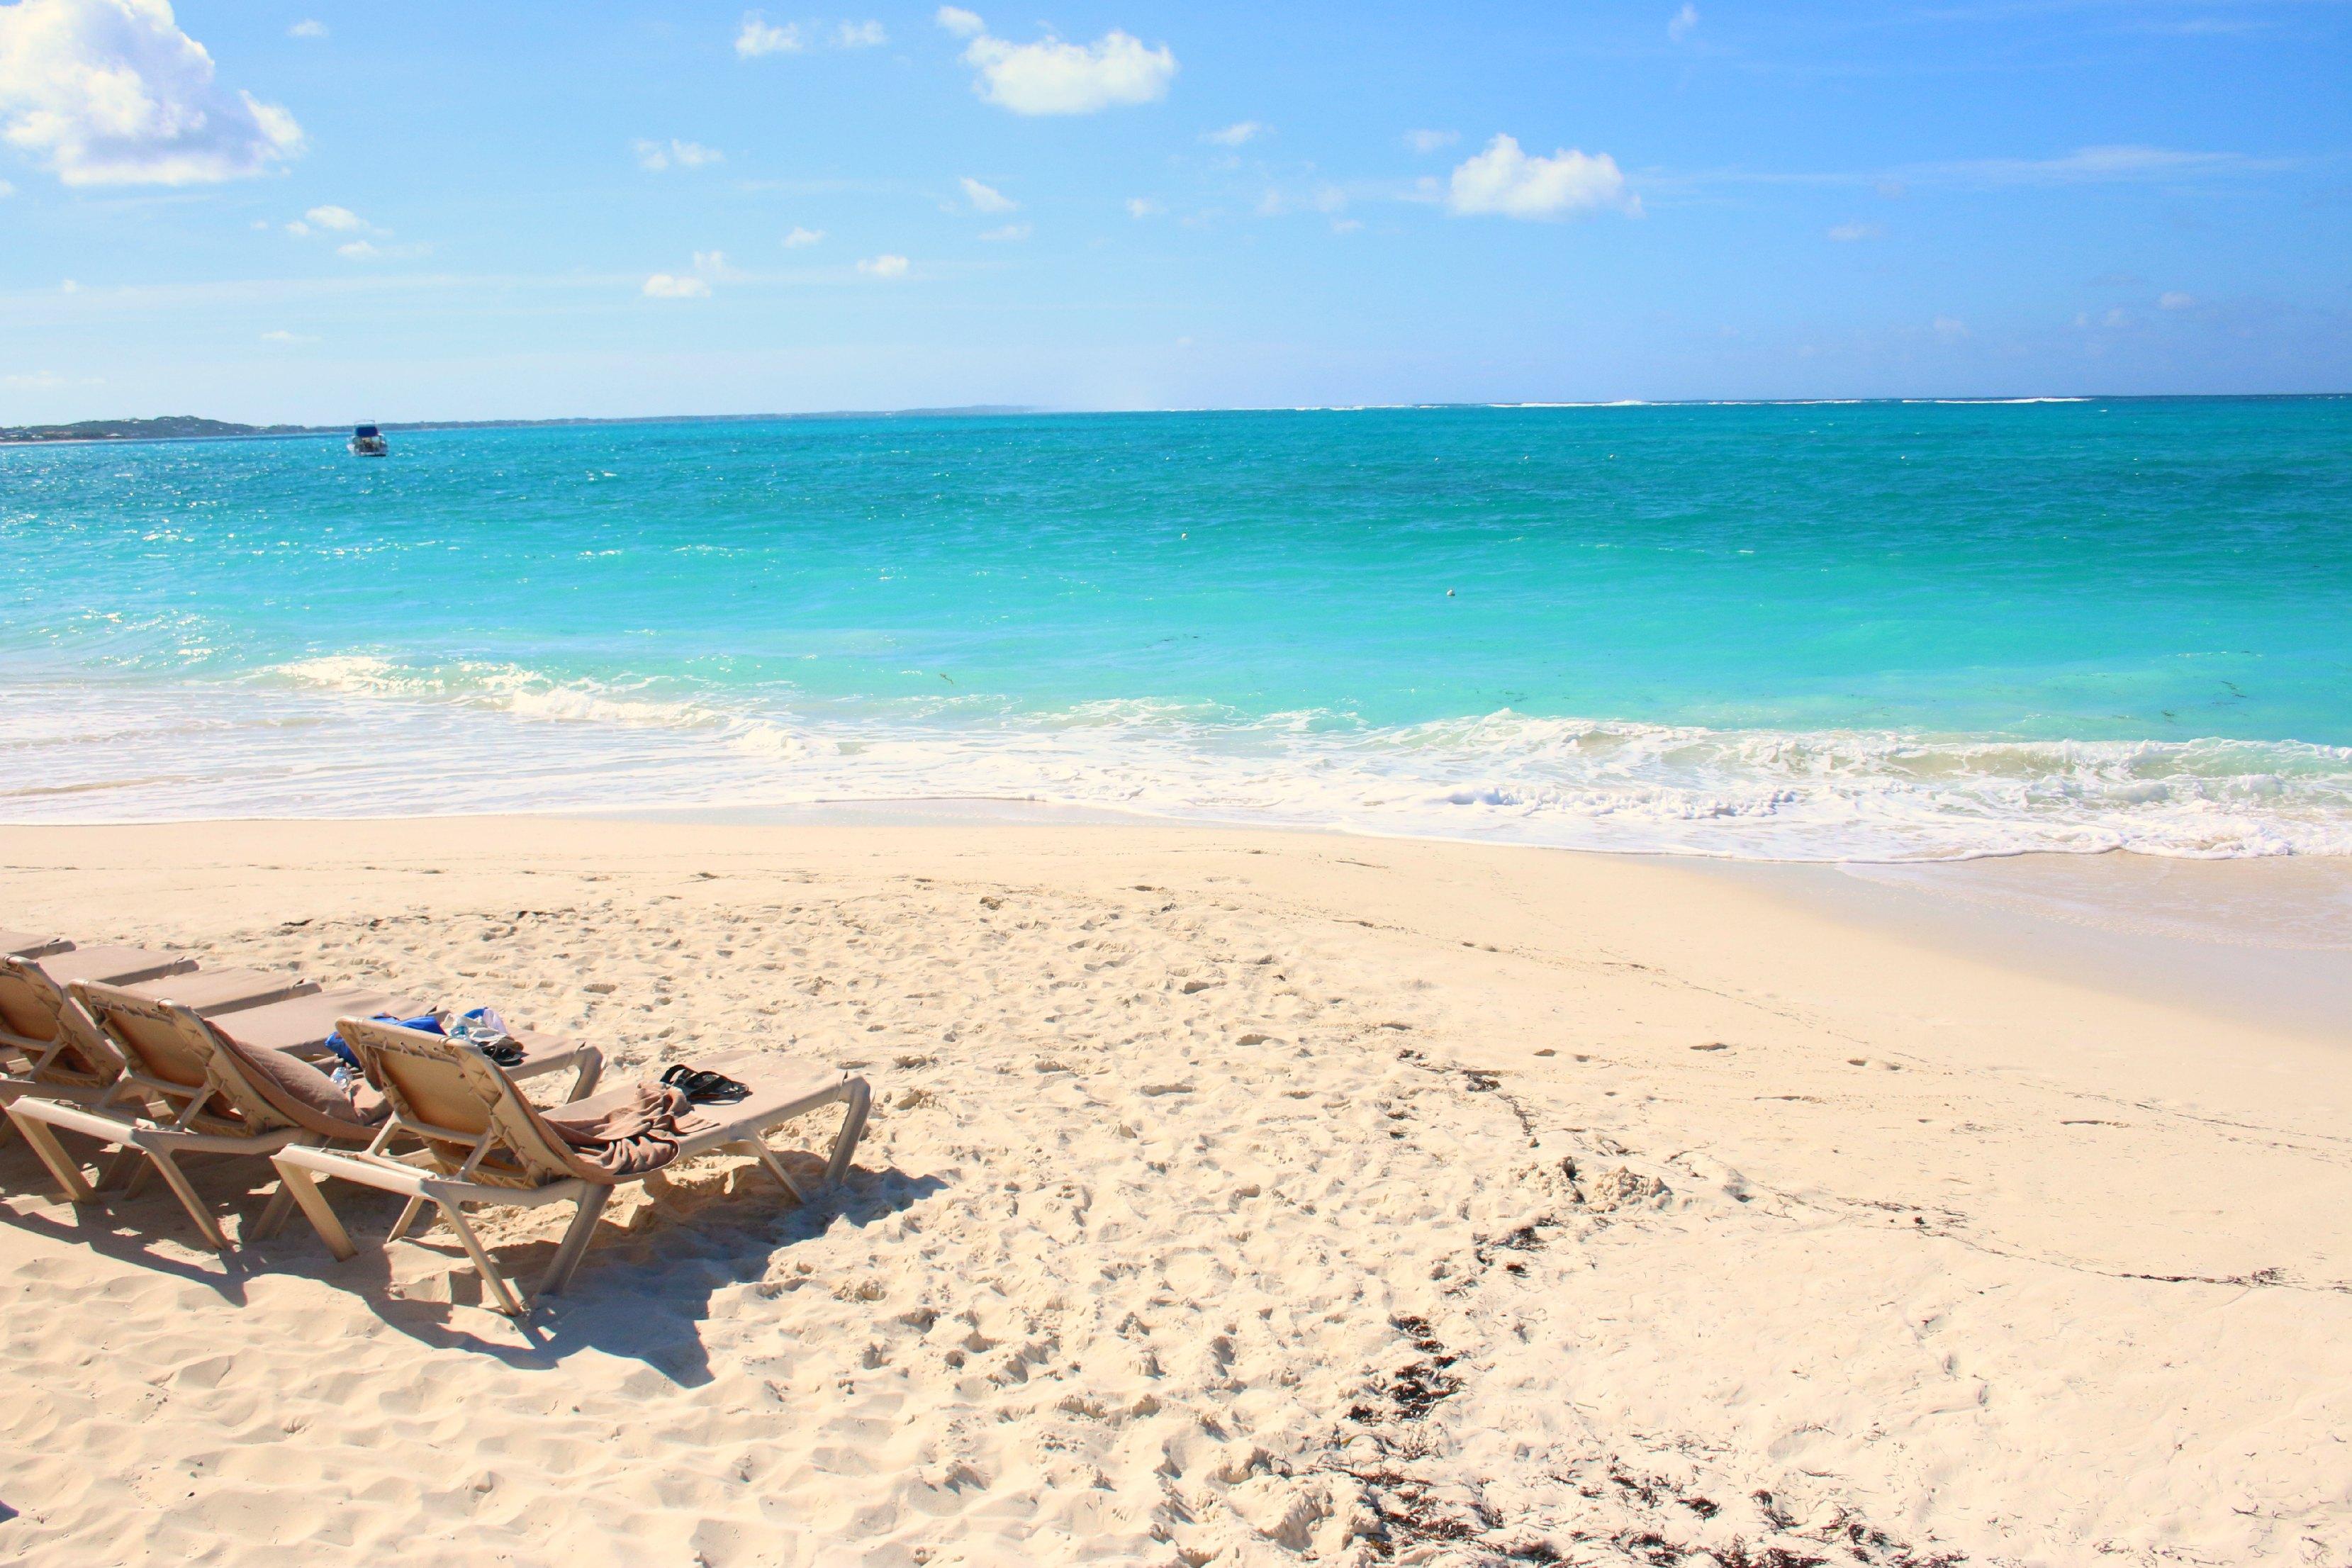 turks caicos sandy beaches